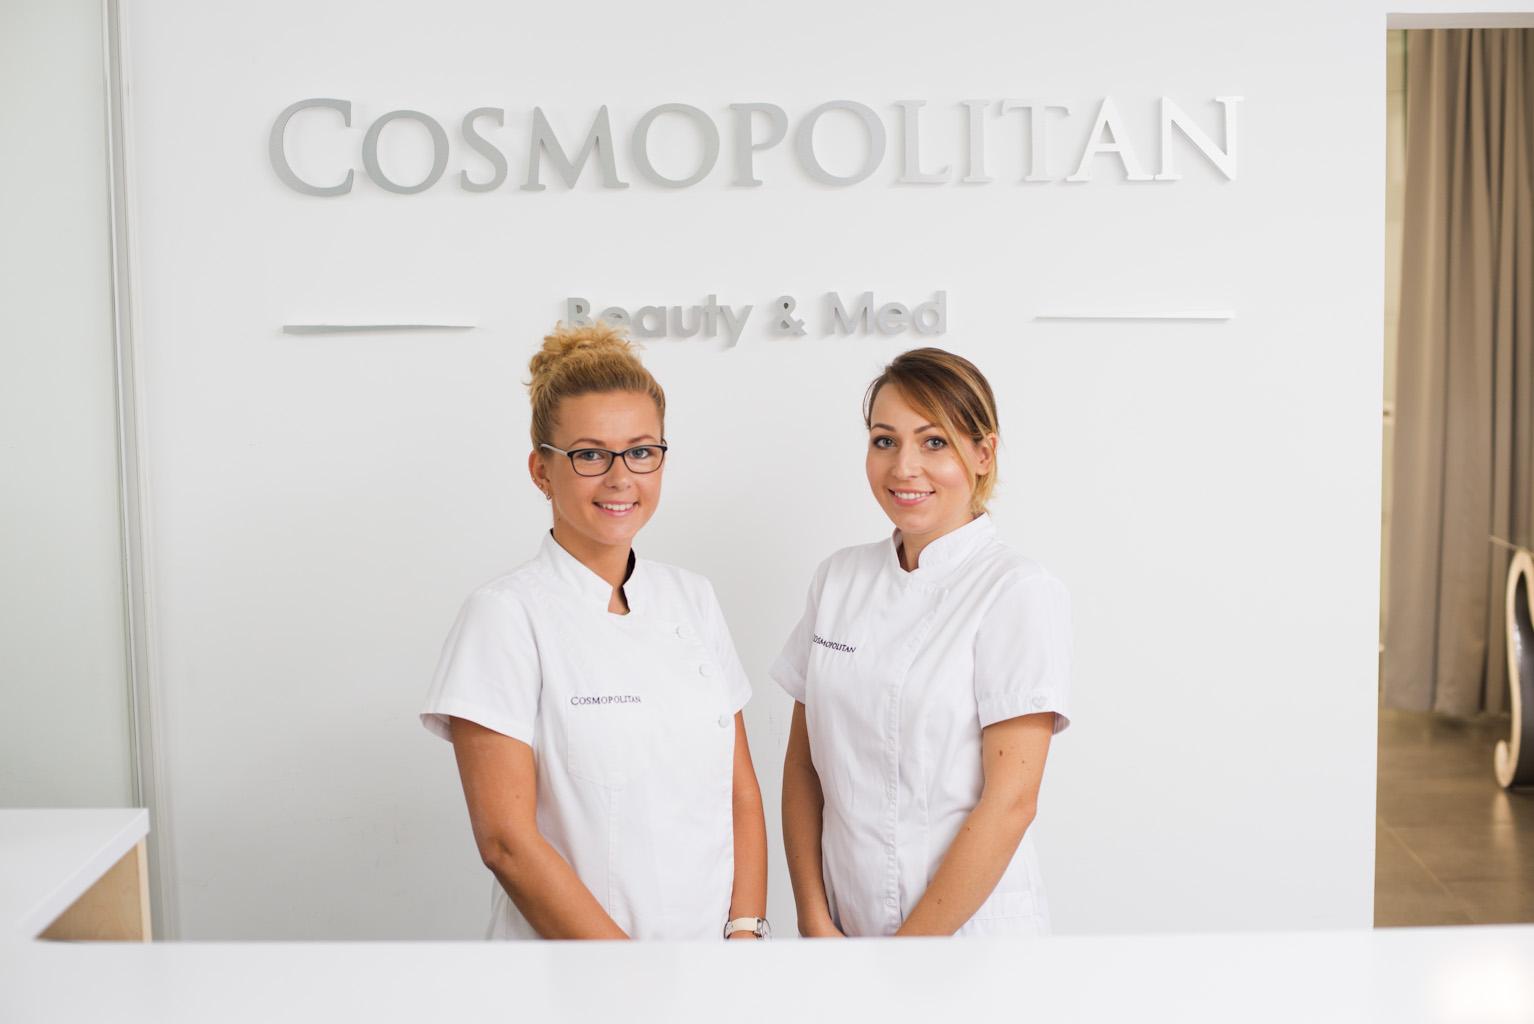 Cosmopolitan Klinika - Beauty and Med - zapraszamy